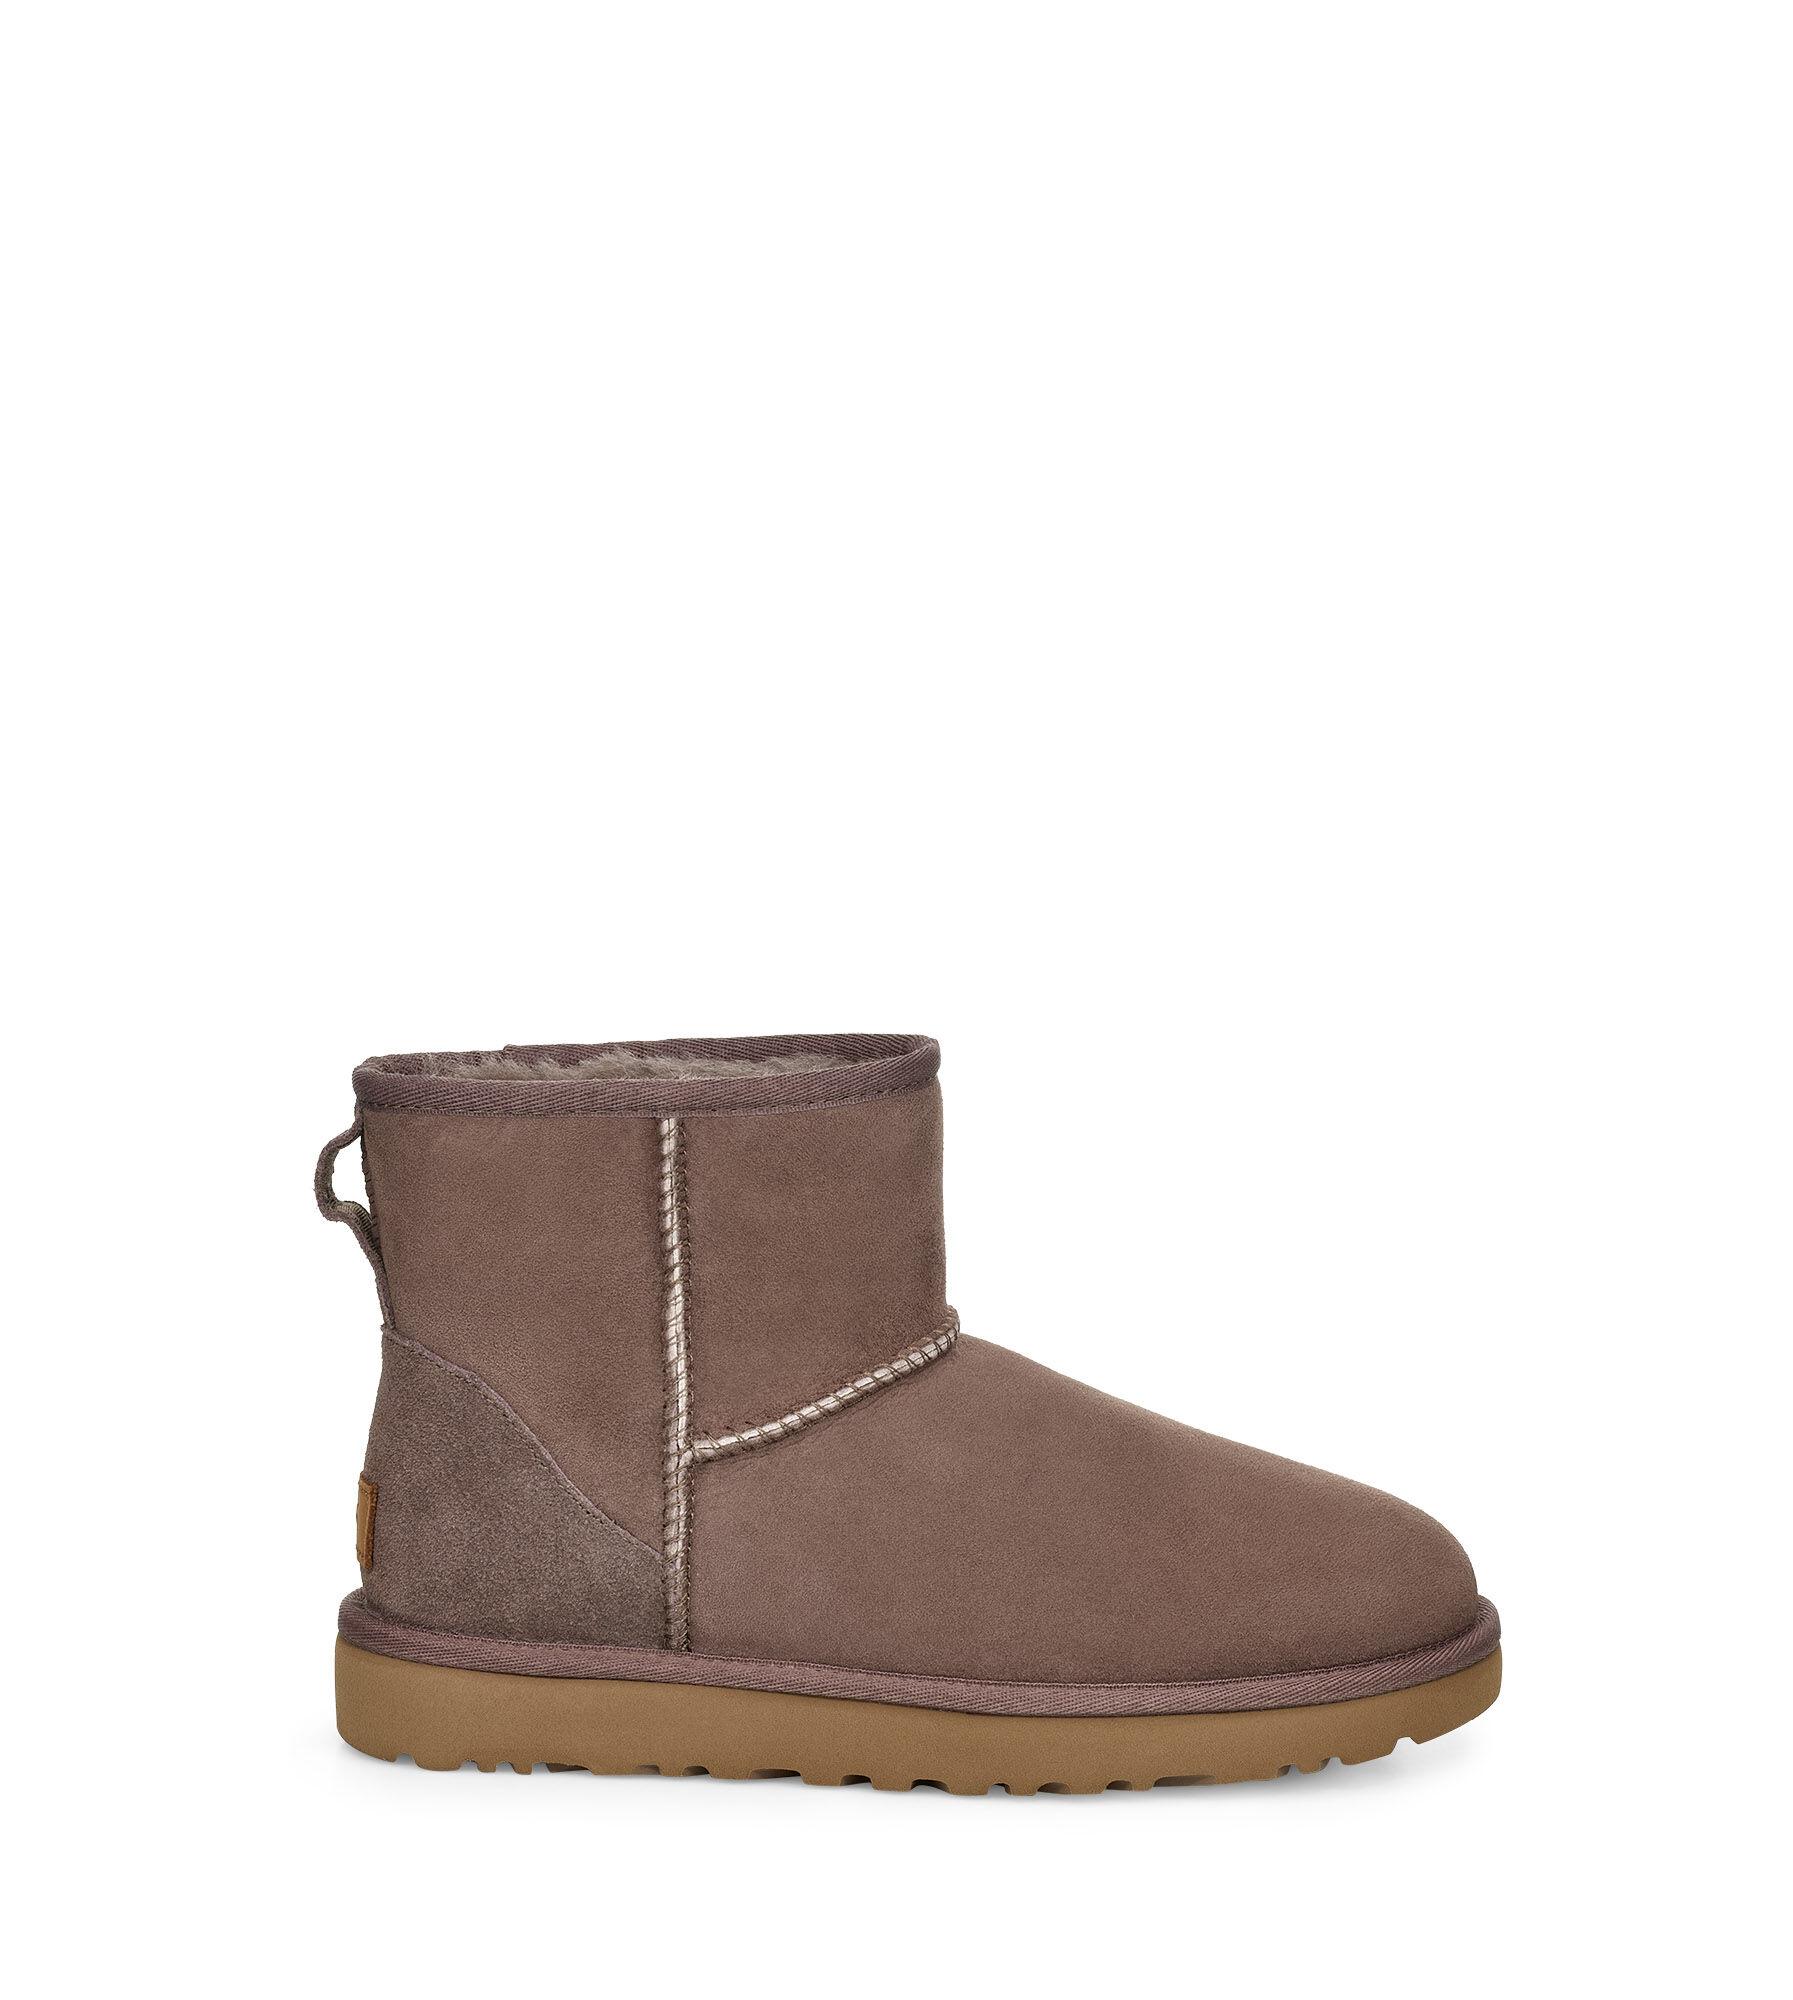 UGG Classic Boots Sale UK Women Classic Mini Leather